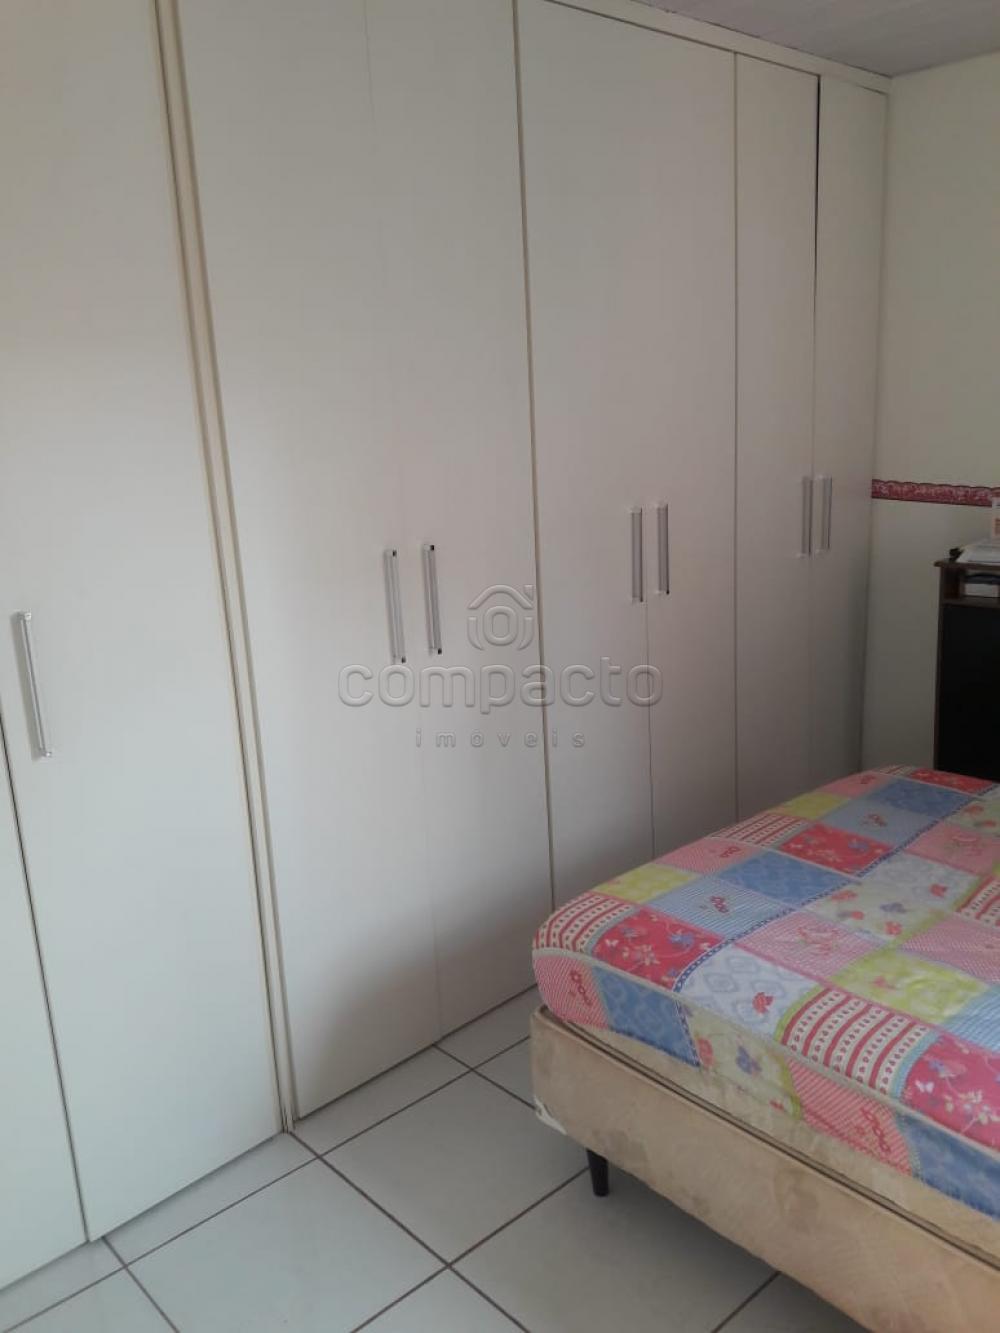 Comprar Casa / Padrão em São José do Rio Preto apenas R$ 450.000,00 - Foto 27